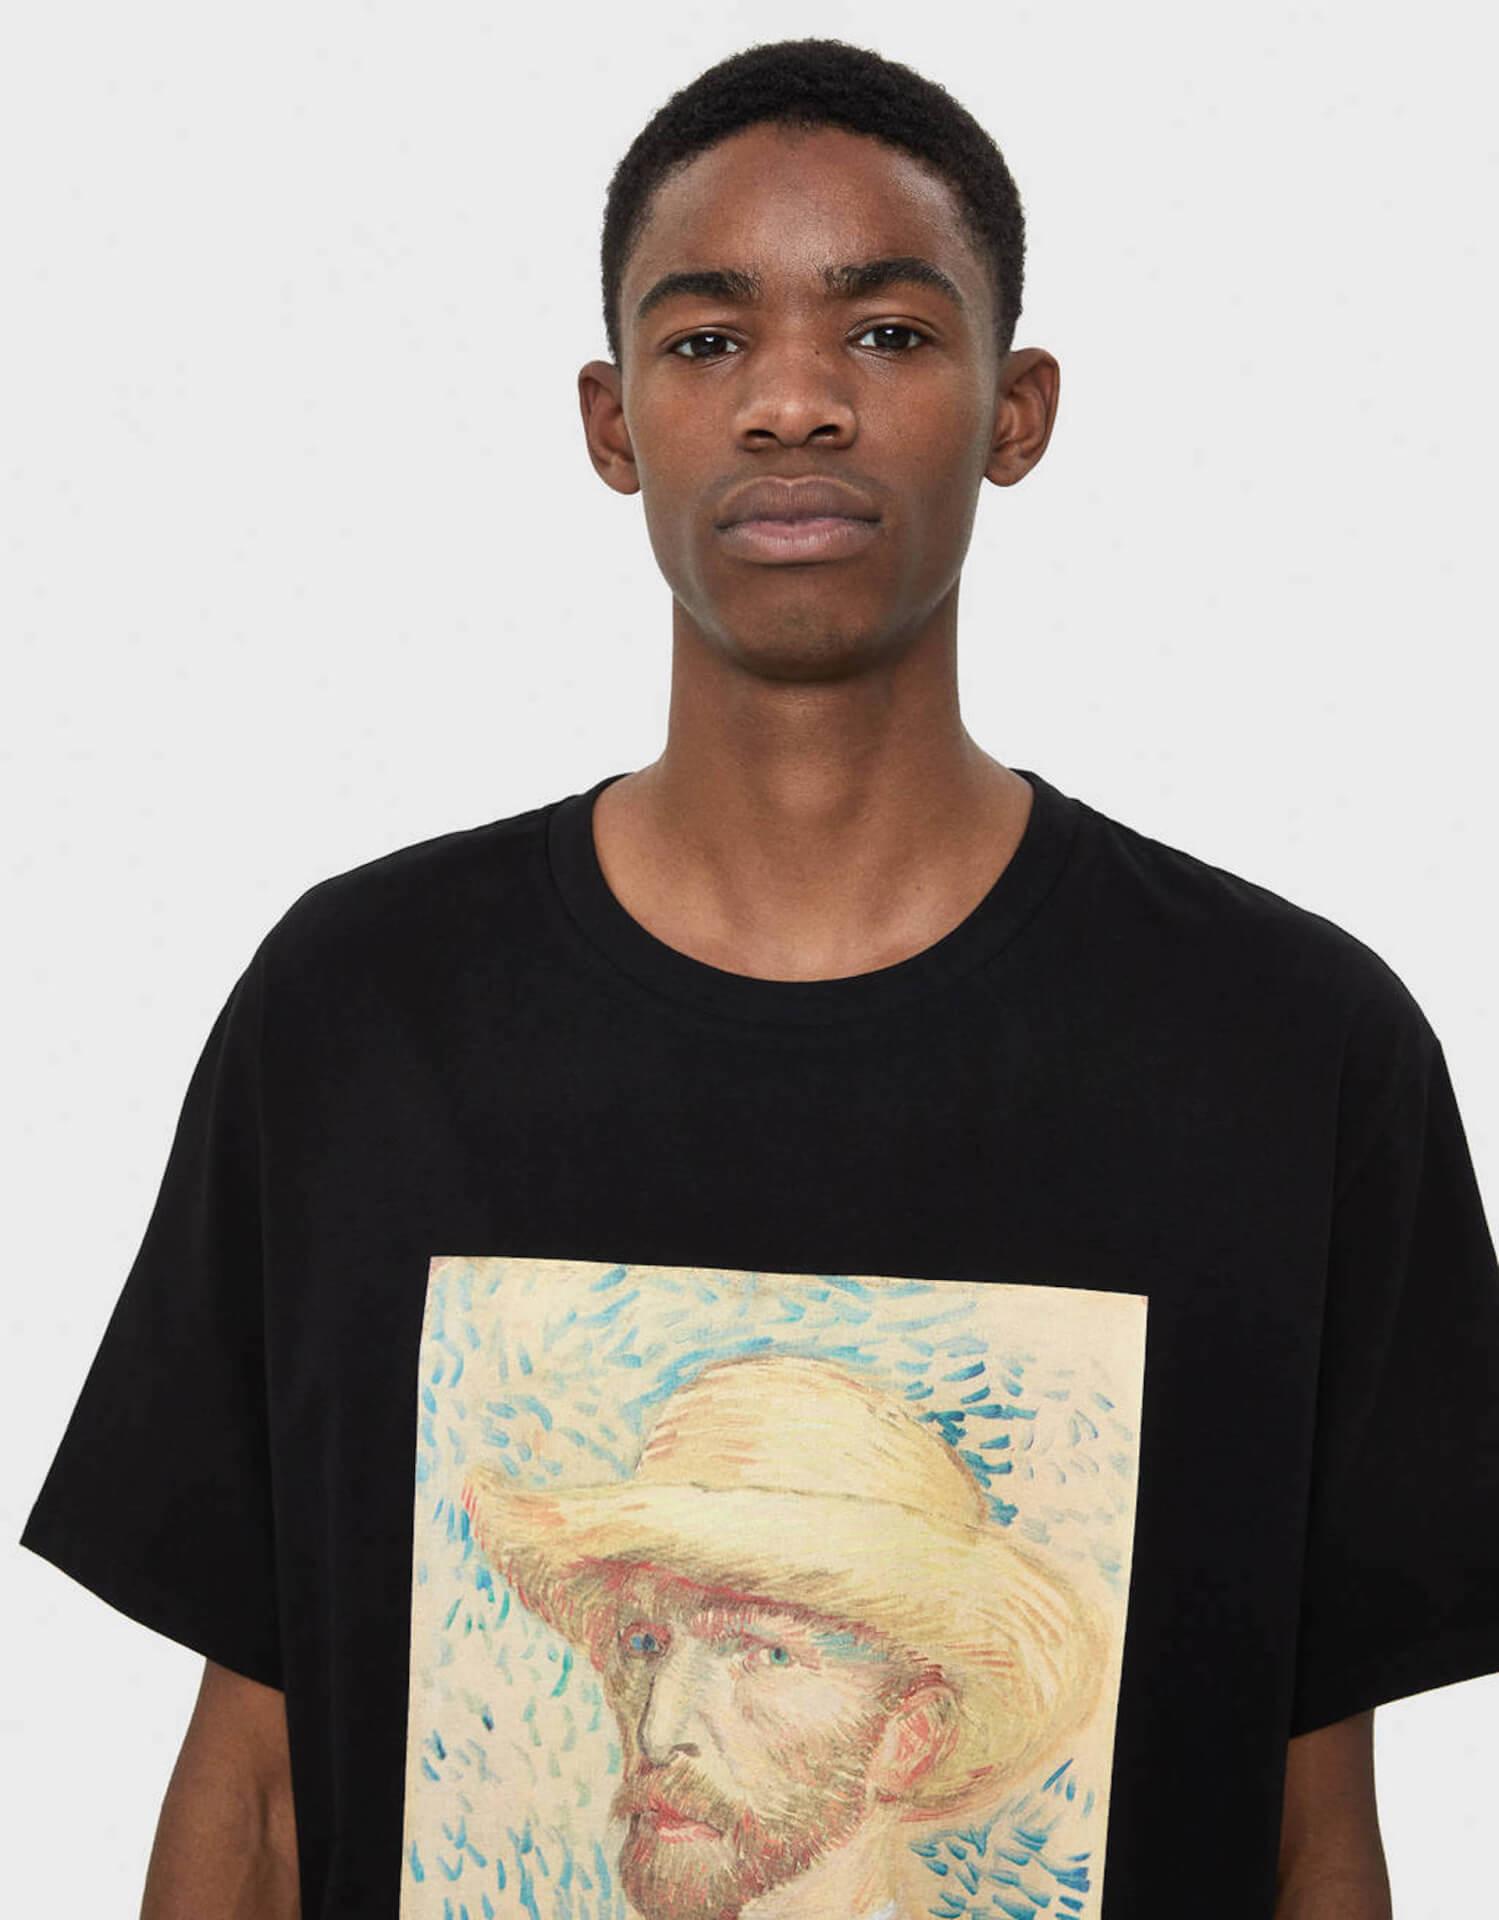 ゴッホ×Bershka 名作『ひまわり』や自画像をプリントしたスウェット、シャツが発売決定! lifefashion191017_bershkagogh_11